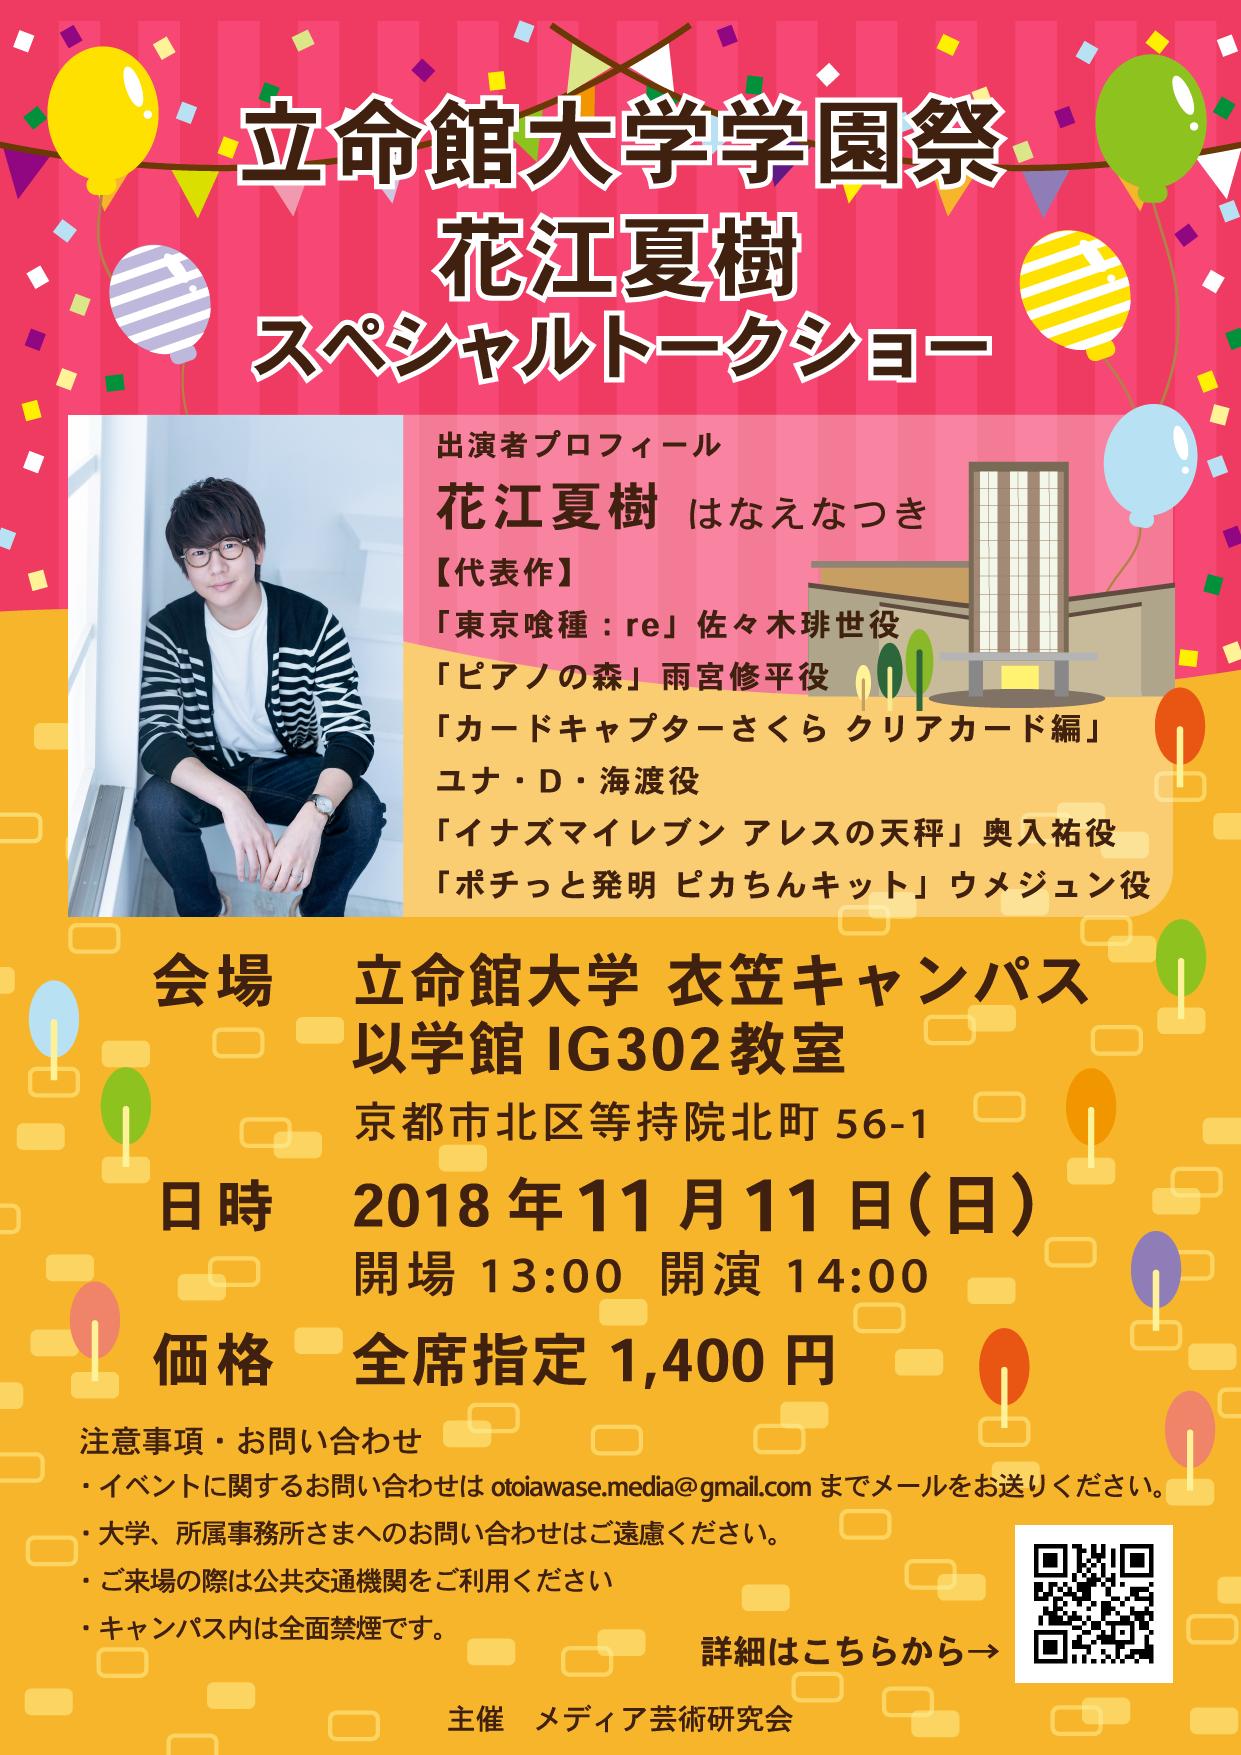 立命館大学学園祭 花江夏樹スペシャルトークショー